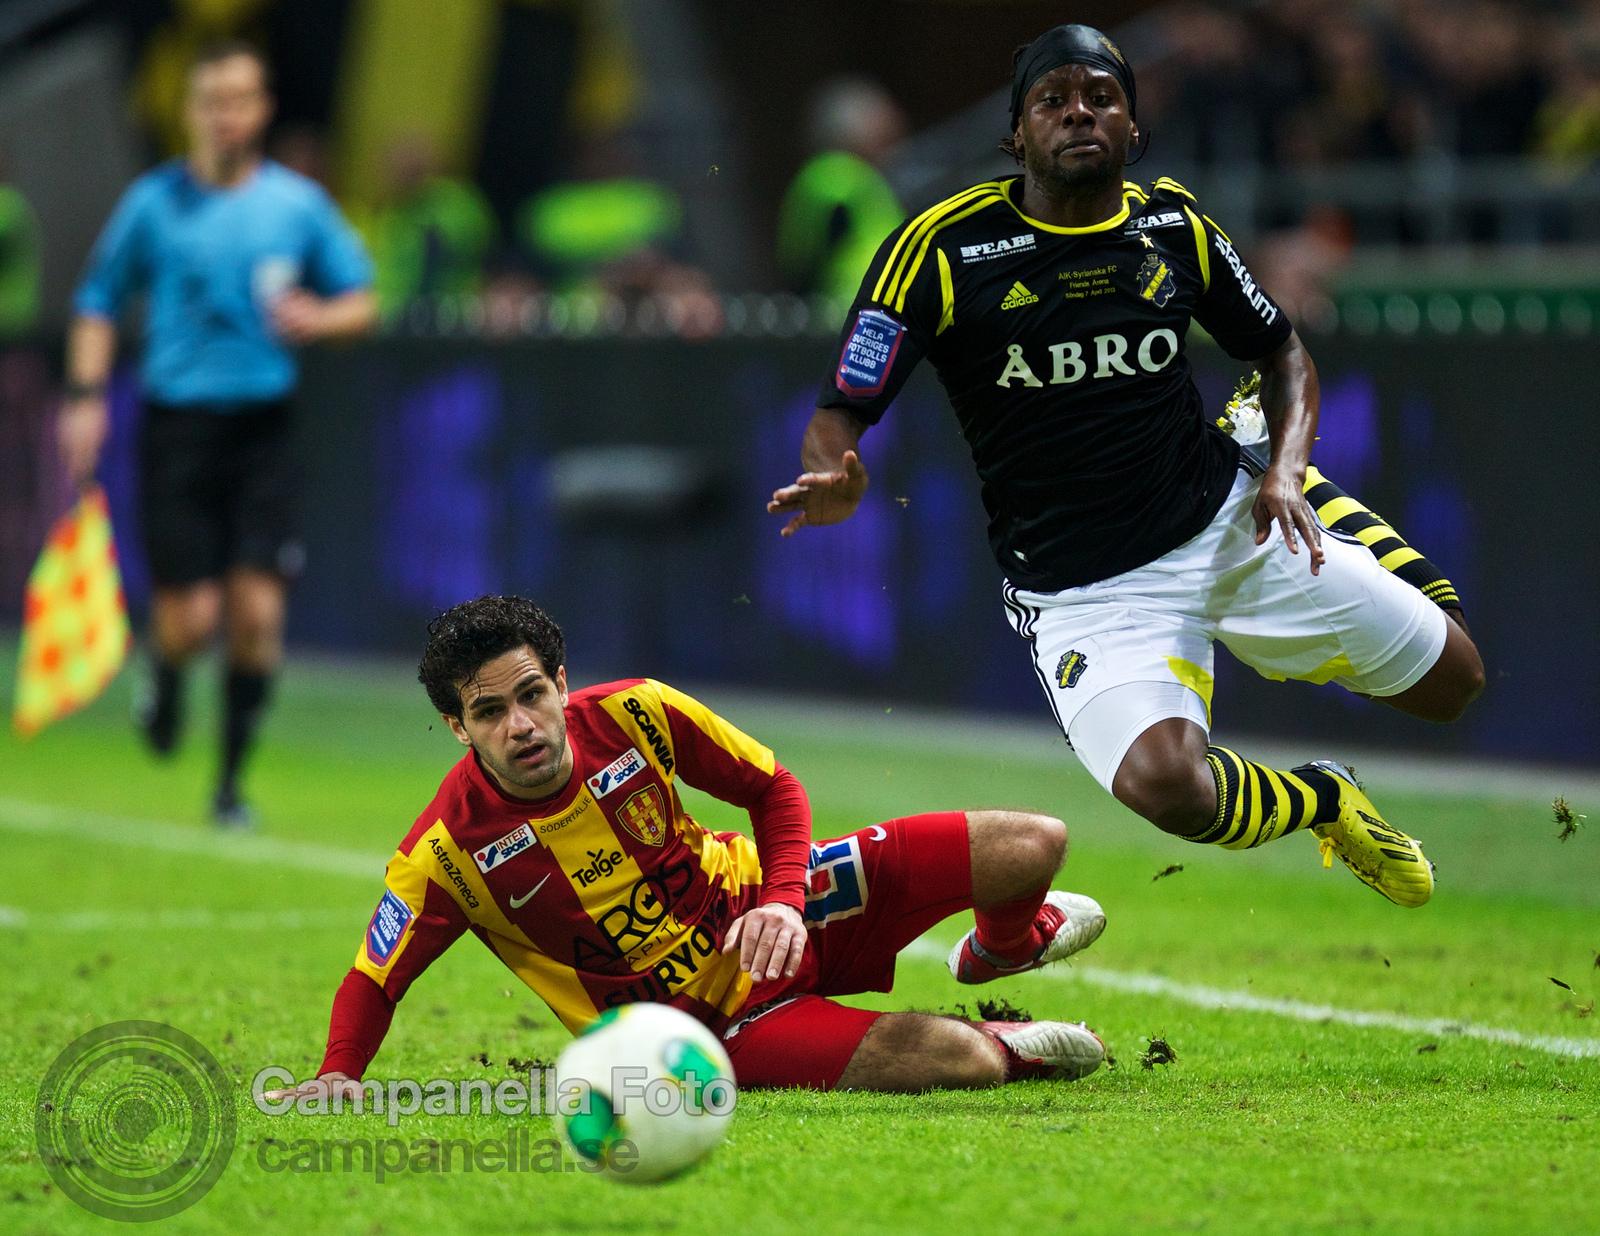 AIK vs. Syrianska FC - 10 of 10